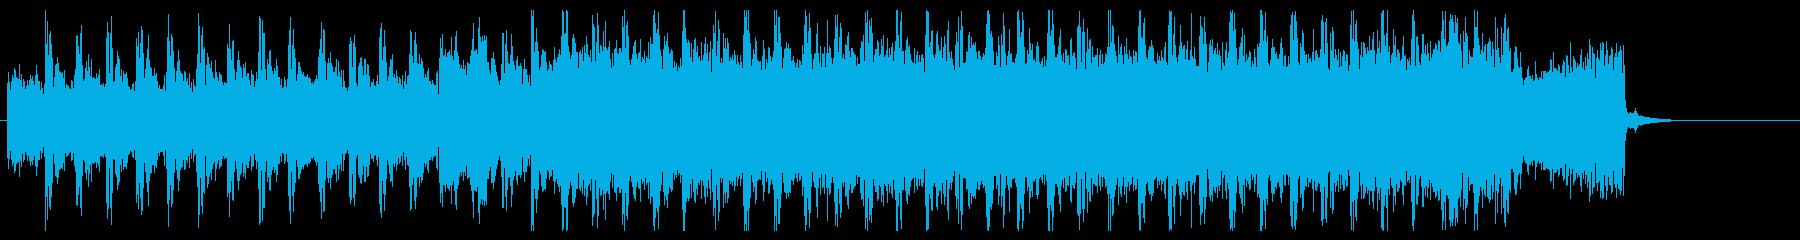 妖しい、機械的、クールなエレキのジングルの再生済みの波形